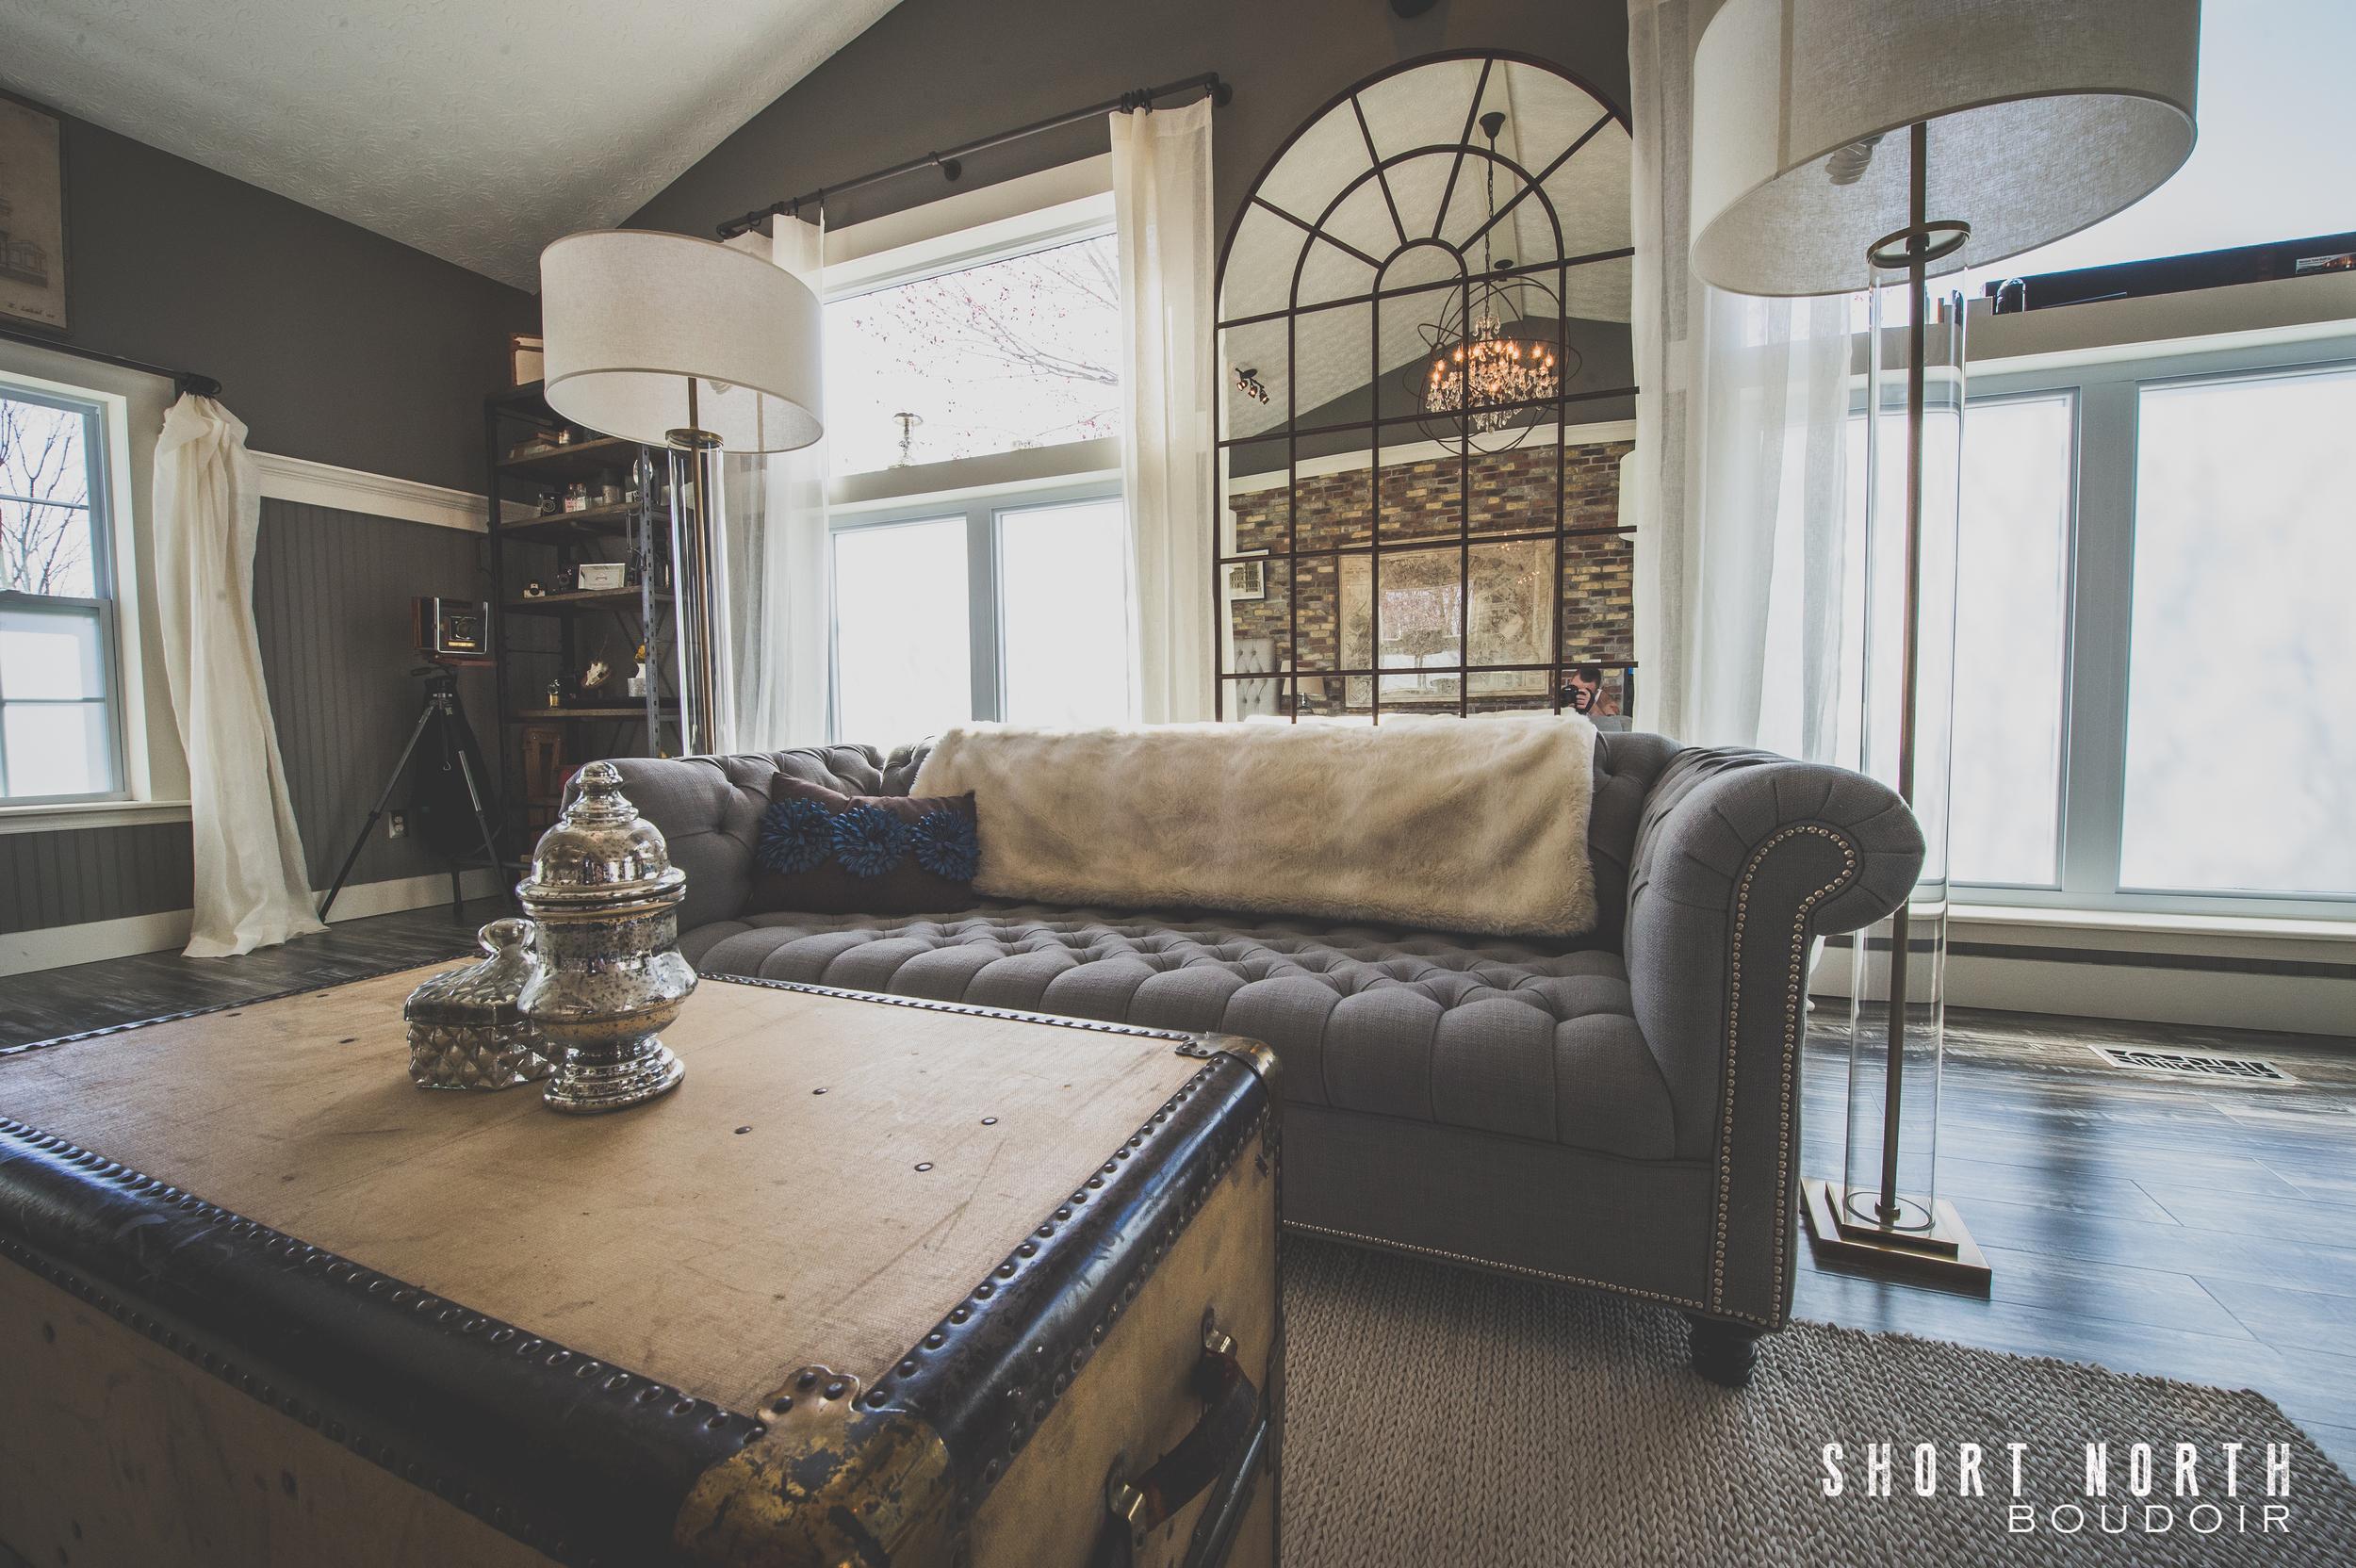 studio boudoir-3.jpg